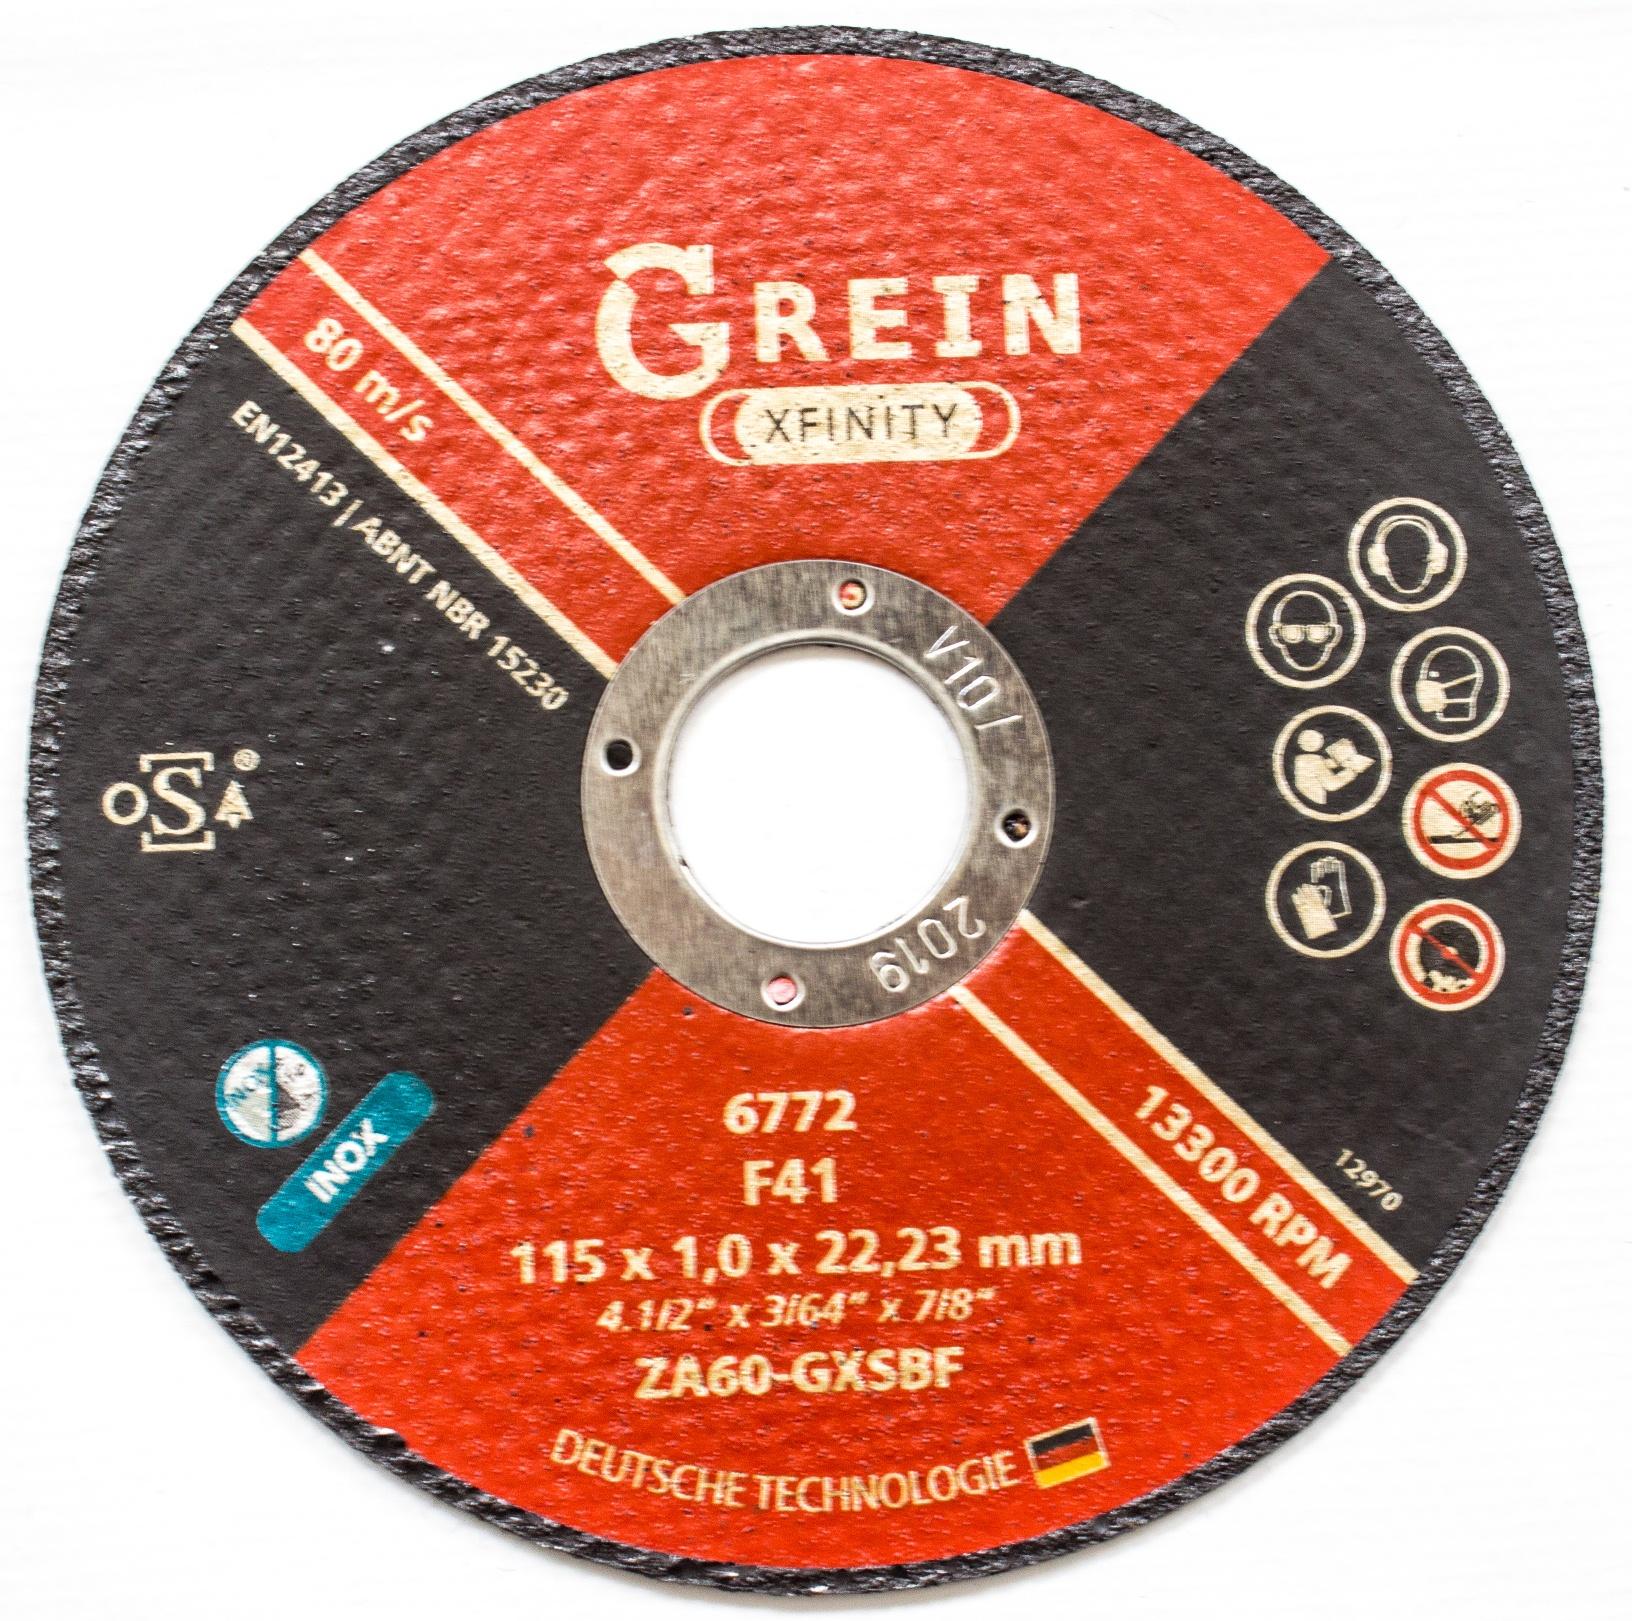 disco-de-corte-4-12-x-100-x-78-x-finity-marca-grein